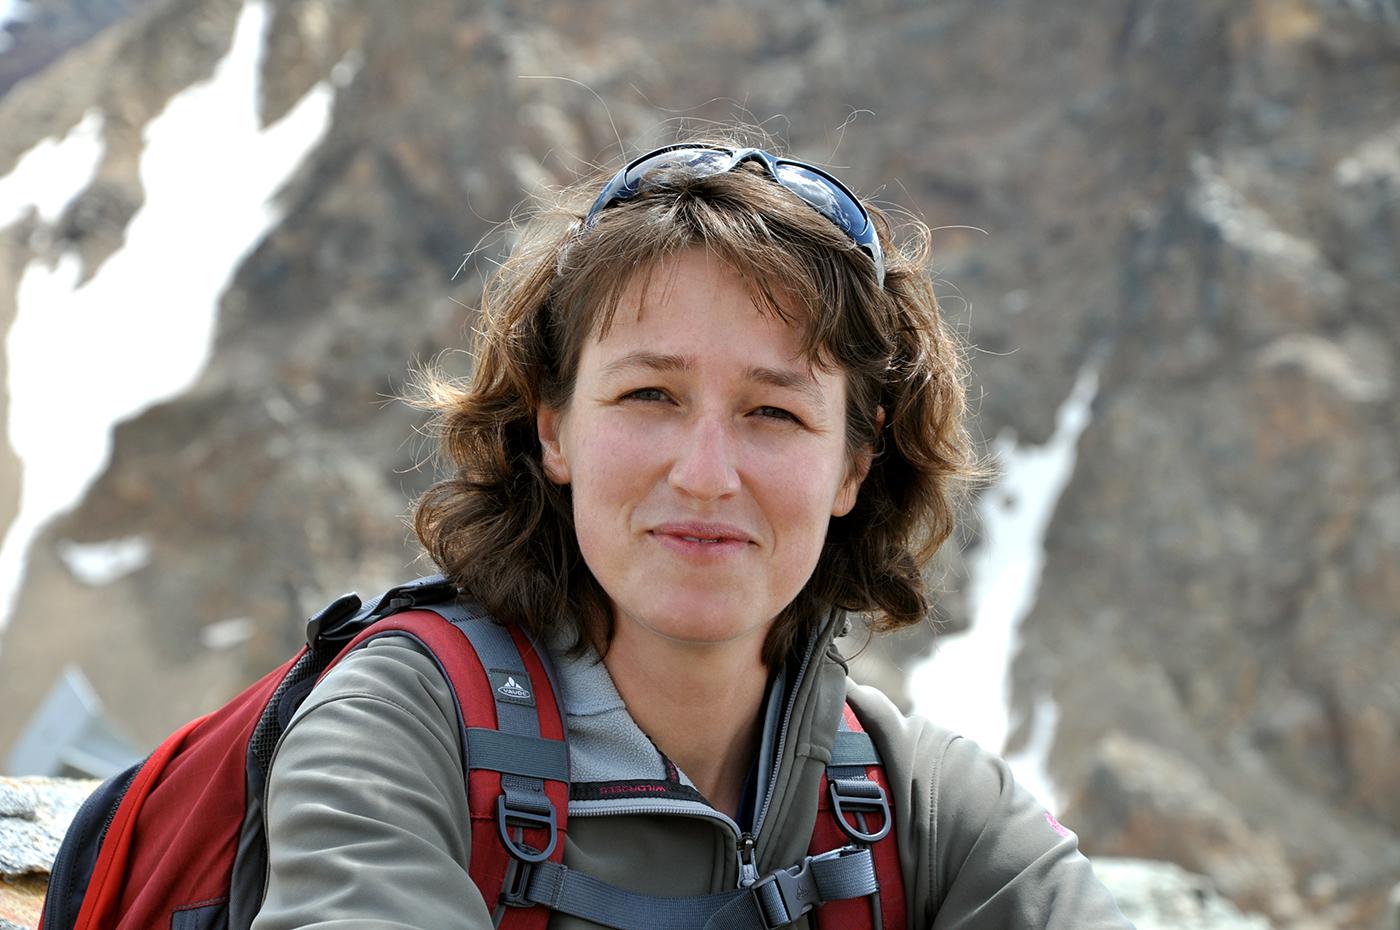 Die Sibirienforscherin, die die ganze Familie auf die Expedition mitnimmt